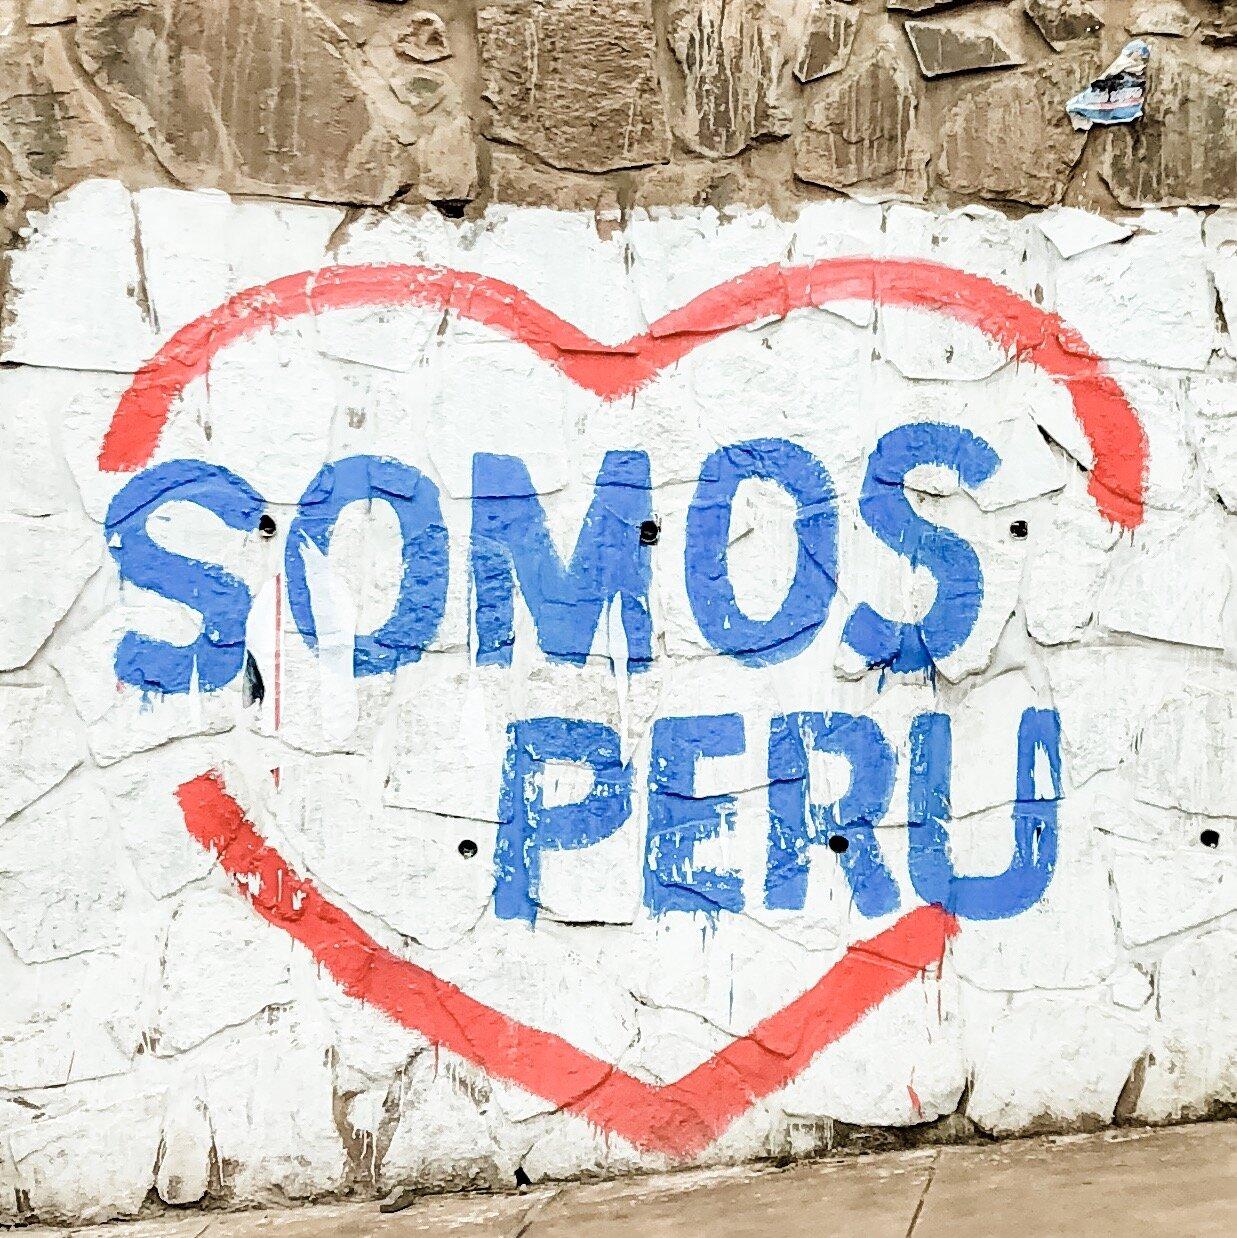 We are Peru. <3